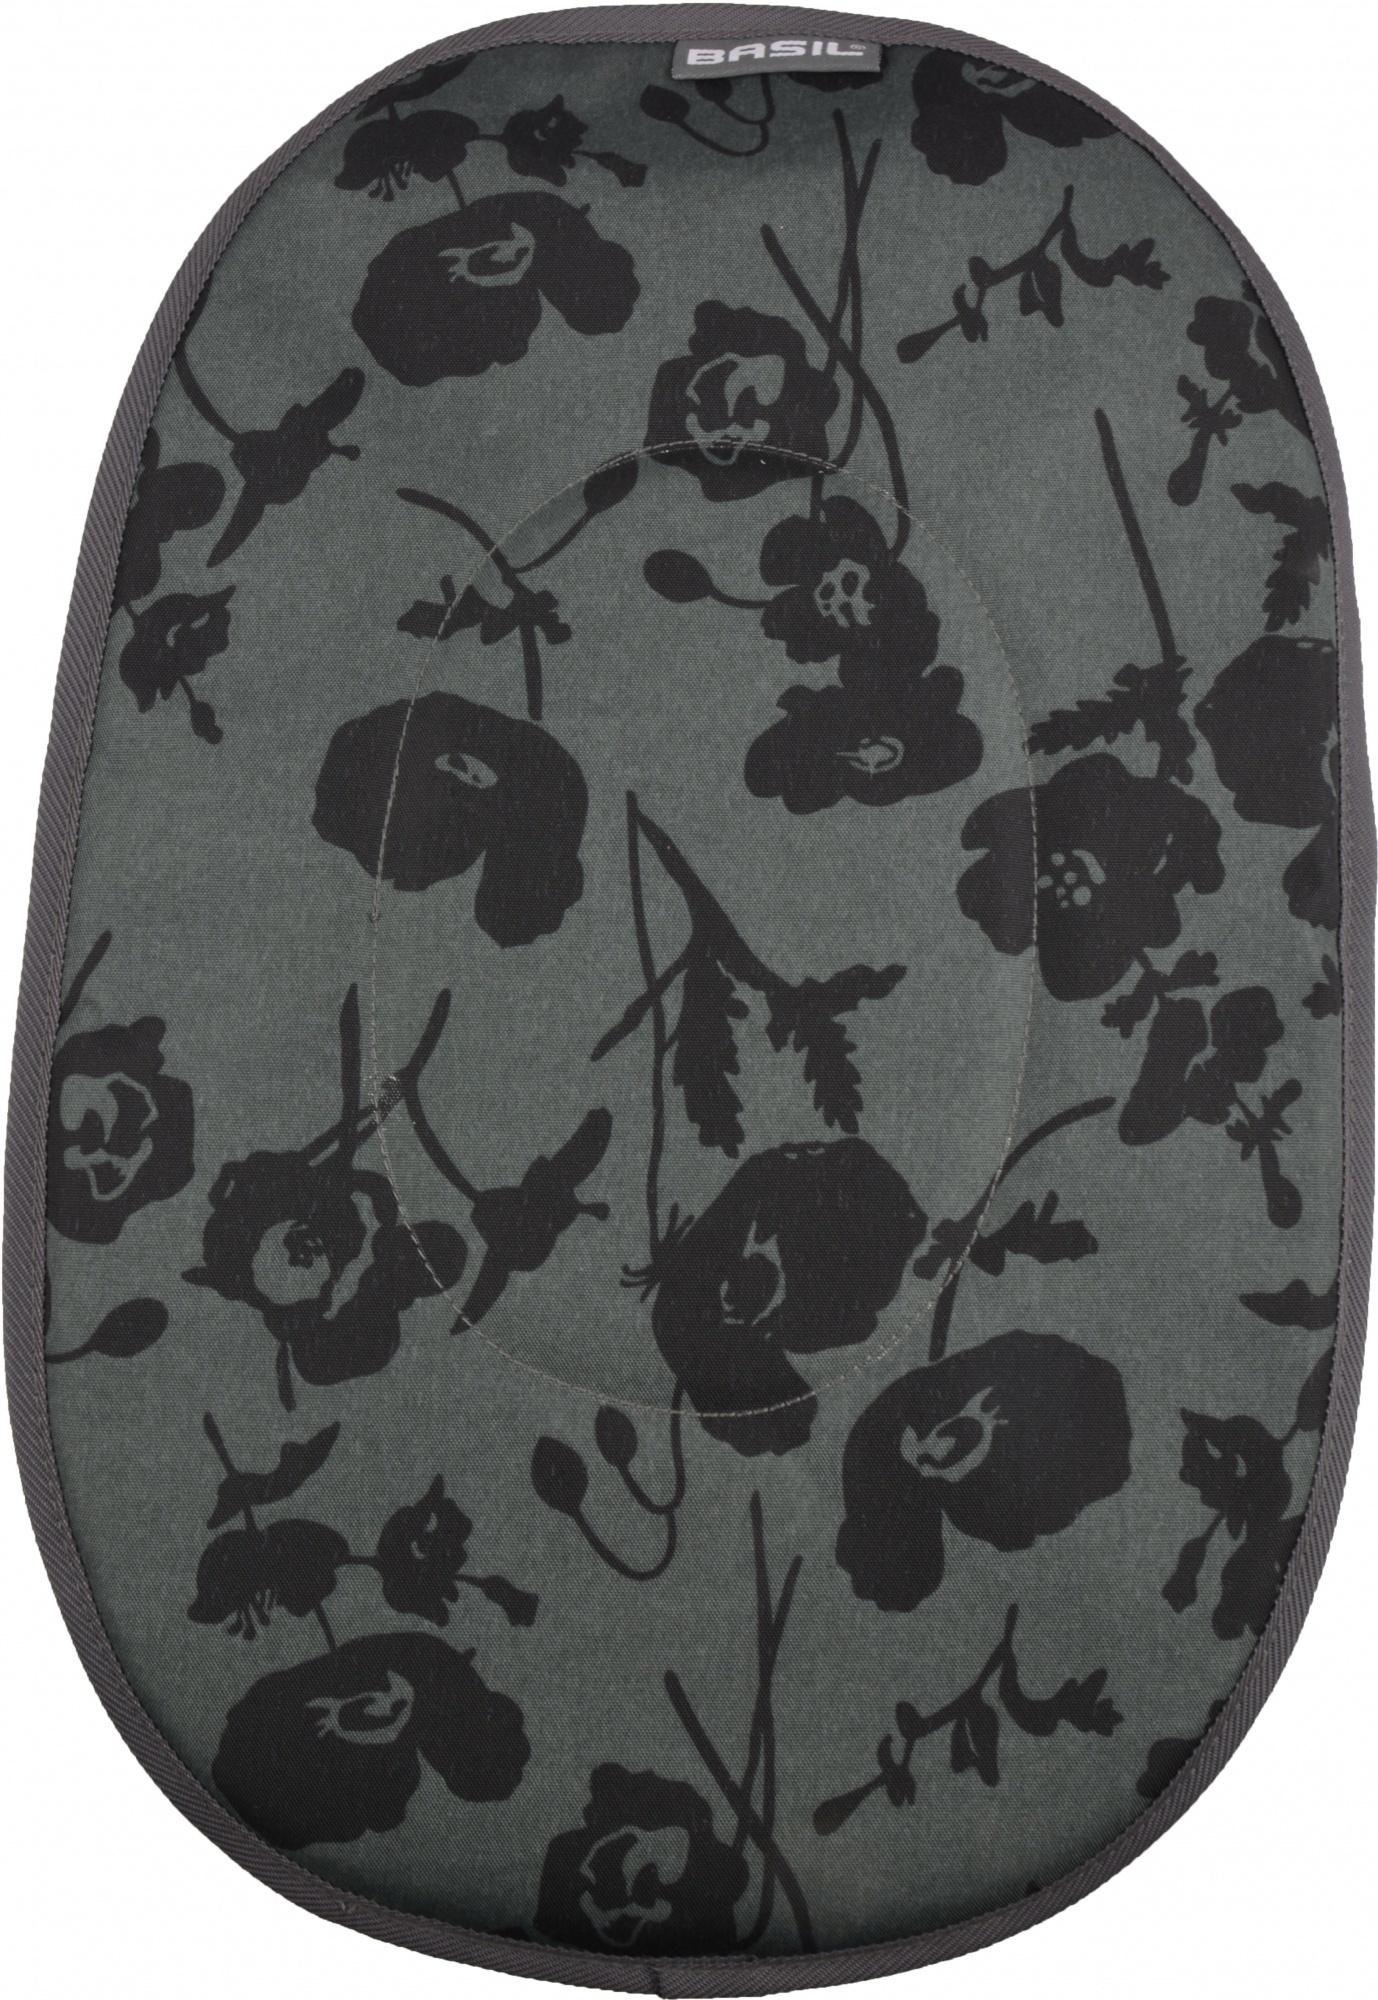 Kussen Voor Hondenmand Pluto 50 cm grijs